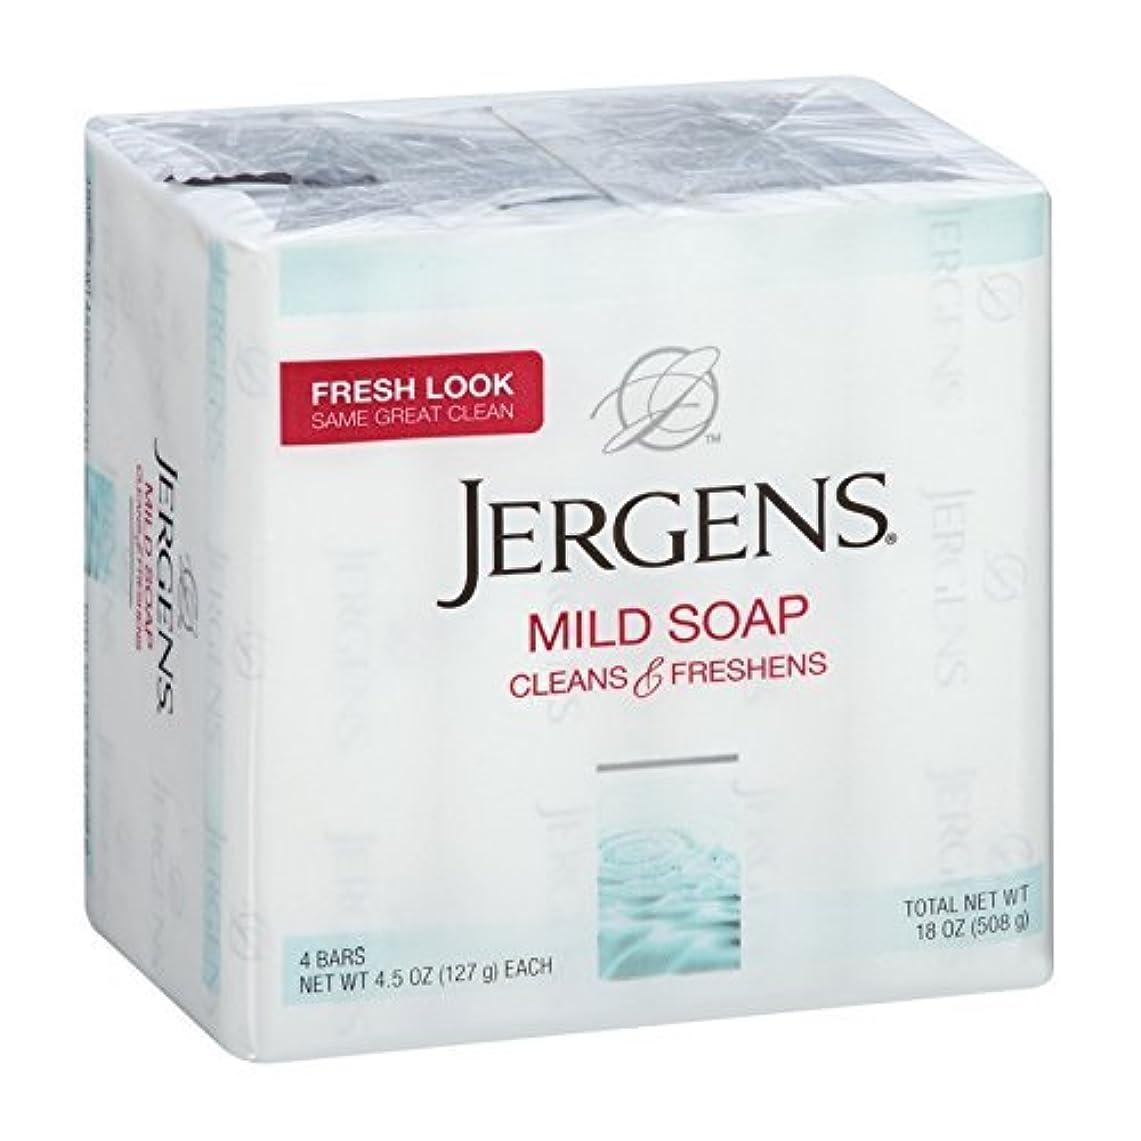 のぞき穴お酢液体Jergens マイルドソープきれいに&フレッシュ4つのバー、4.5オズ(2パック) 2パック